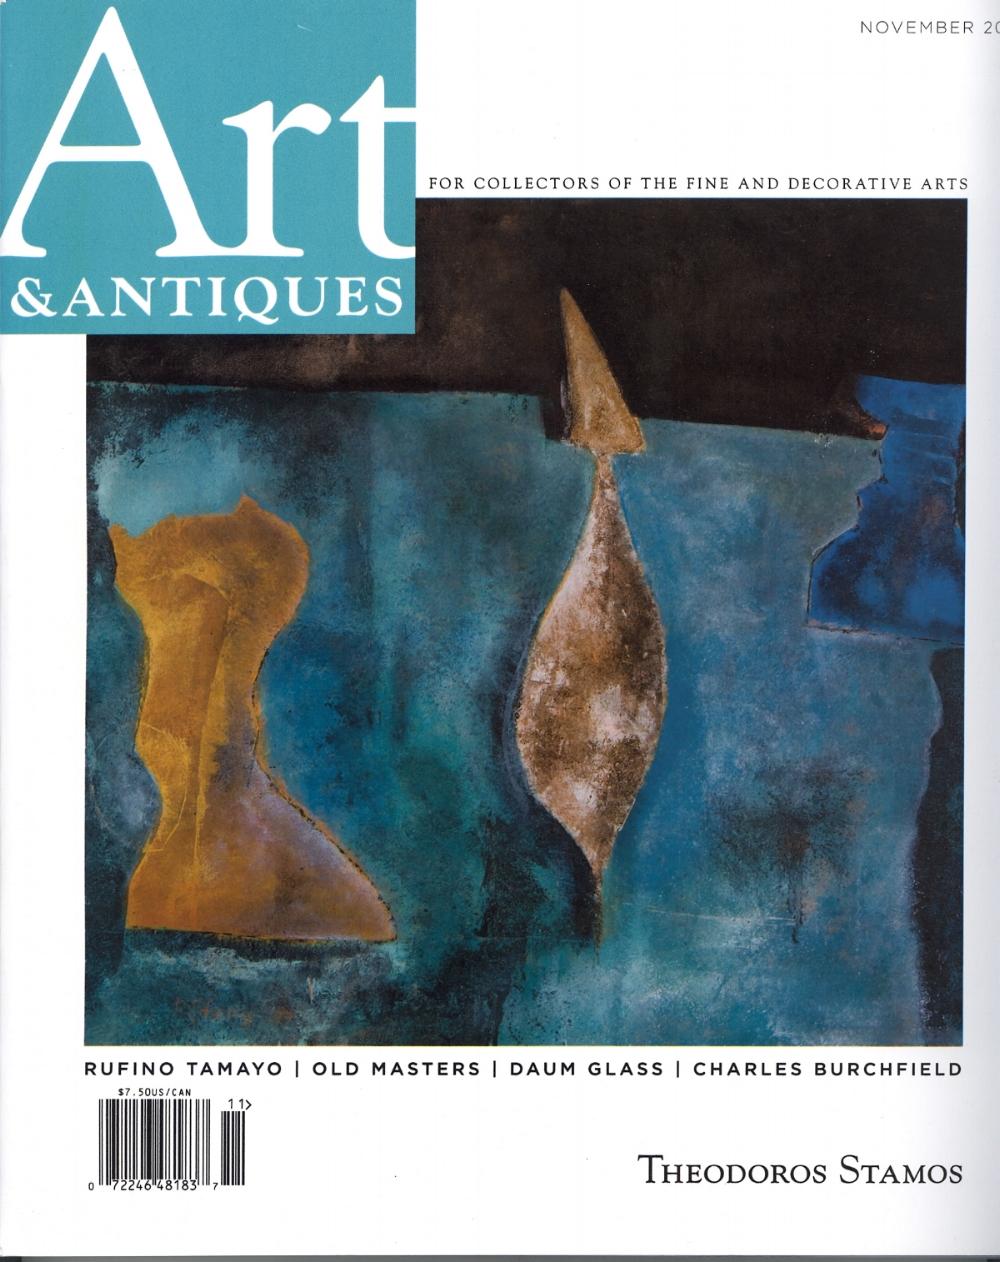 Art & Antiques_November-cover.jpg